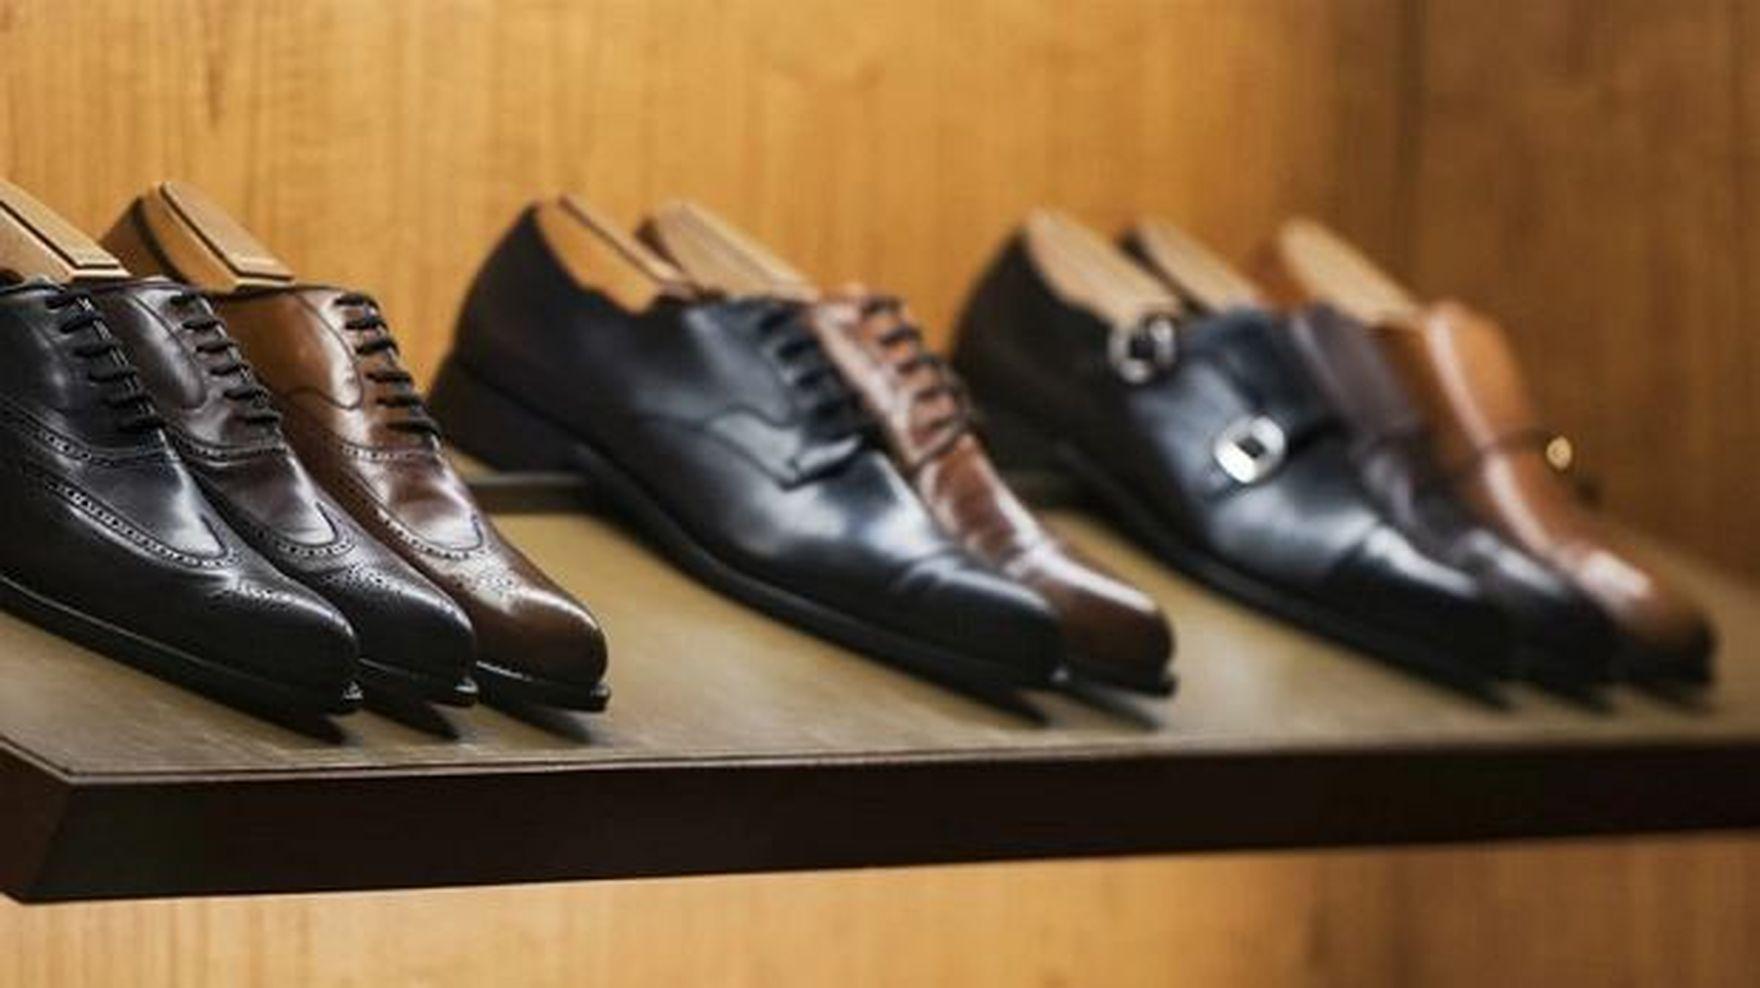 Te buty męskie eleganckie to nie tylko wygląd, ale i wygoda! TOP 18 modeli na jesień